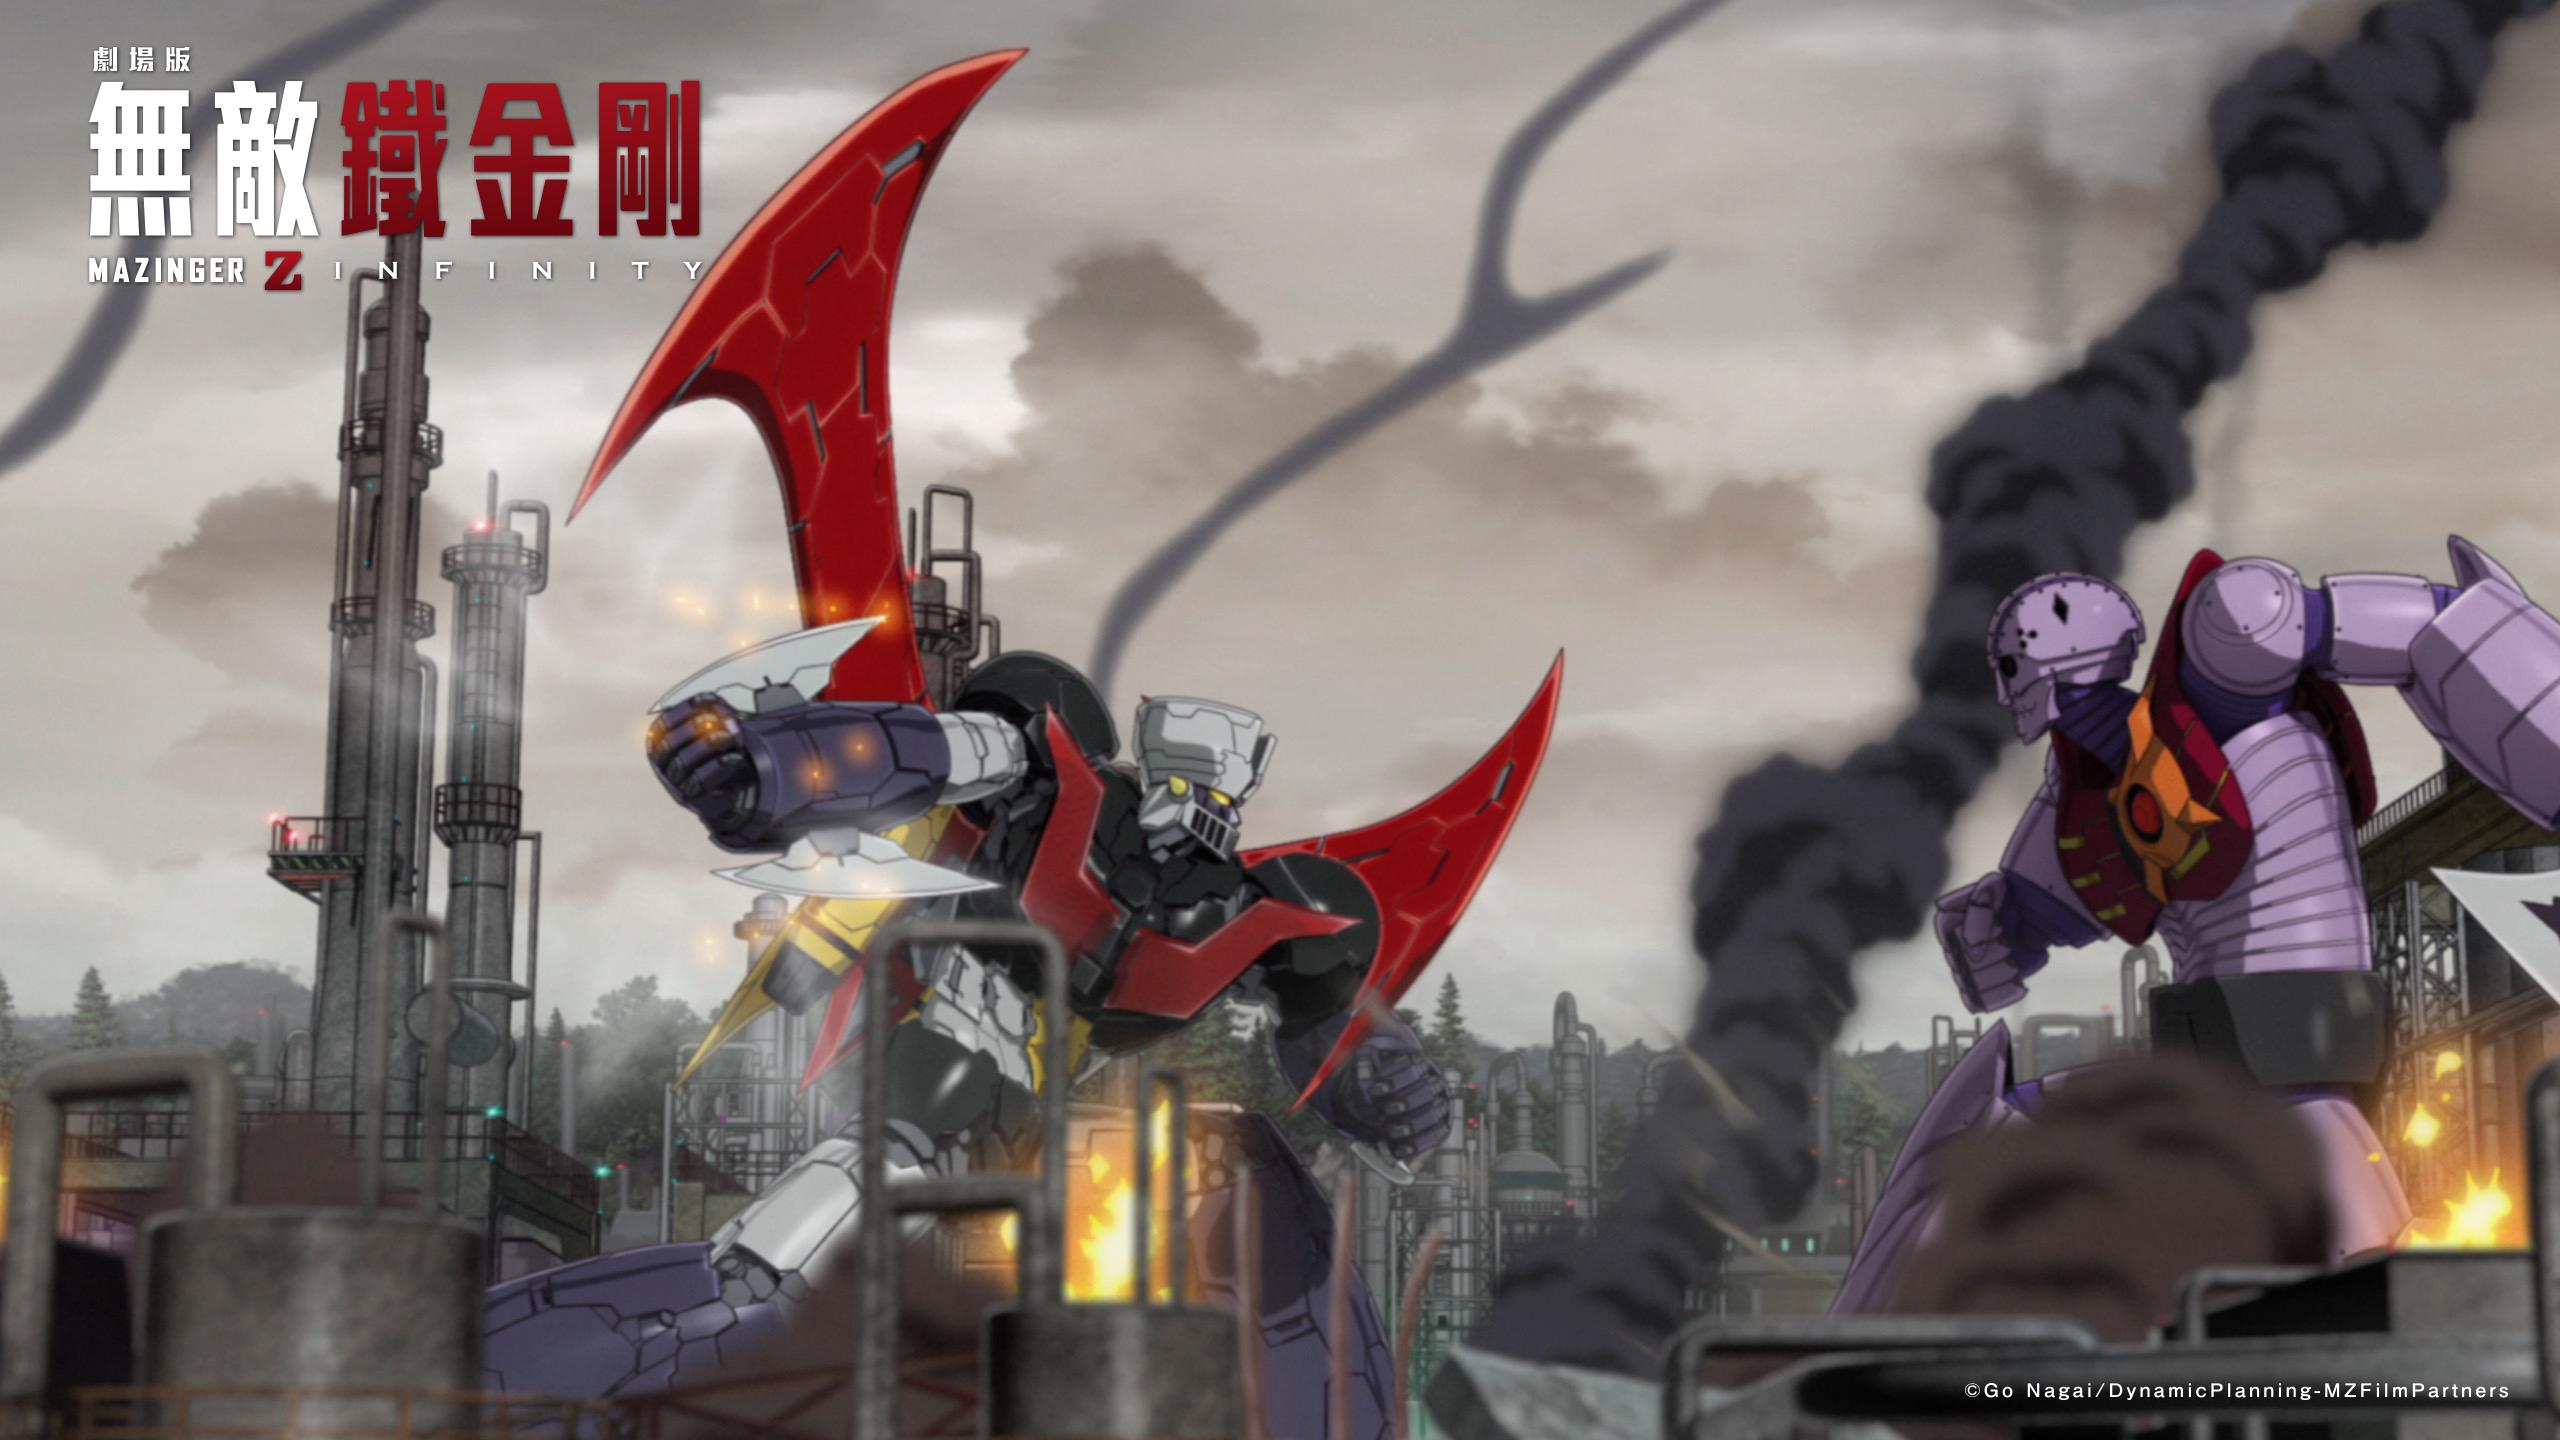 《劇場版 無敵鐵金剛 _ INFINITY》無敵鐵金剛對戰機械獸,精彩細緻的戰鬥畫面讓粉絲期待萬分